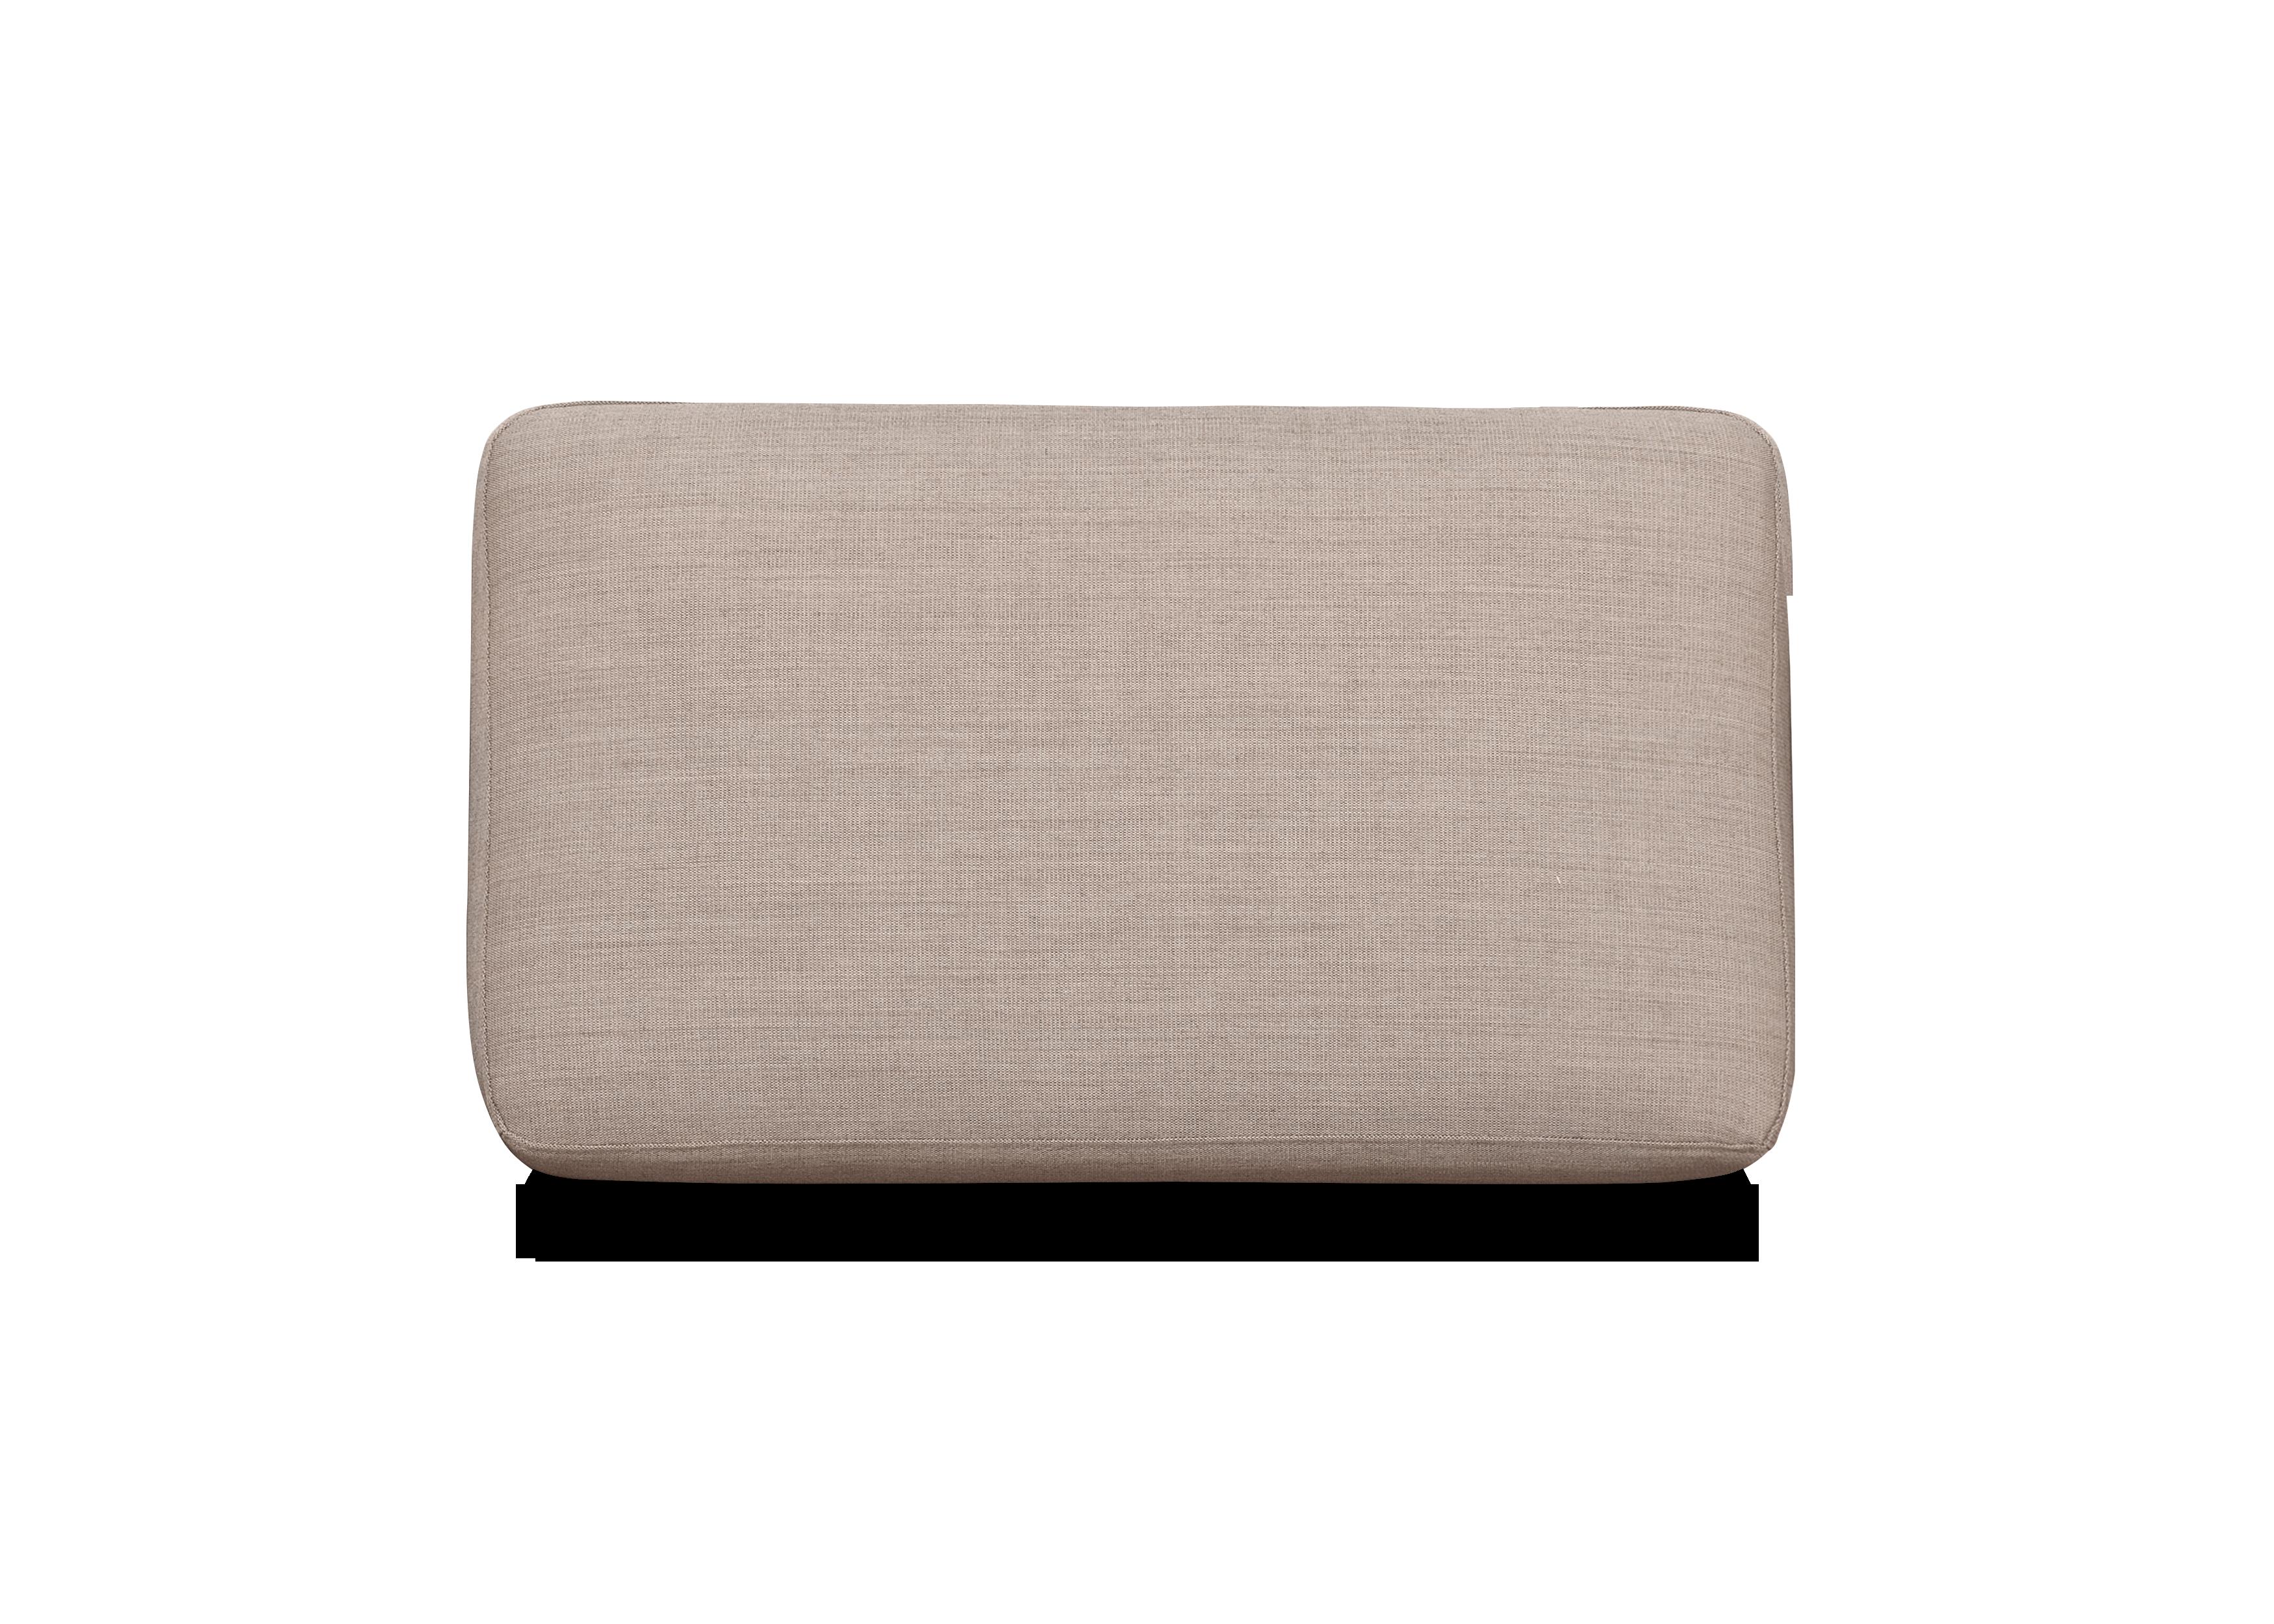 CU BM0865 | Back cushion